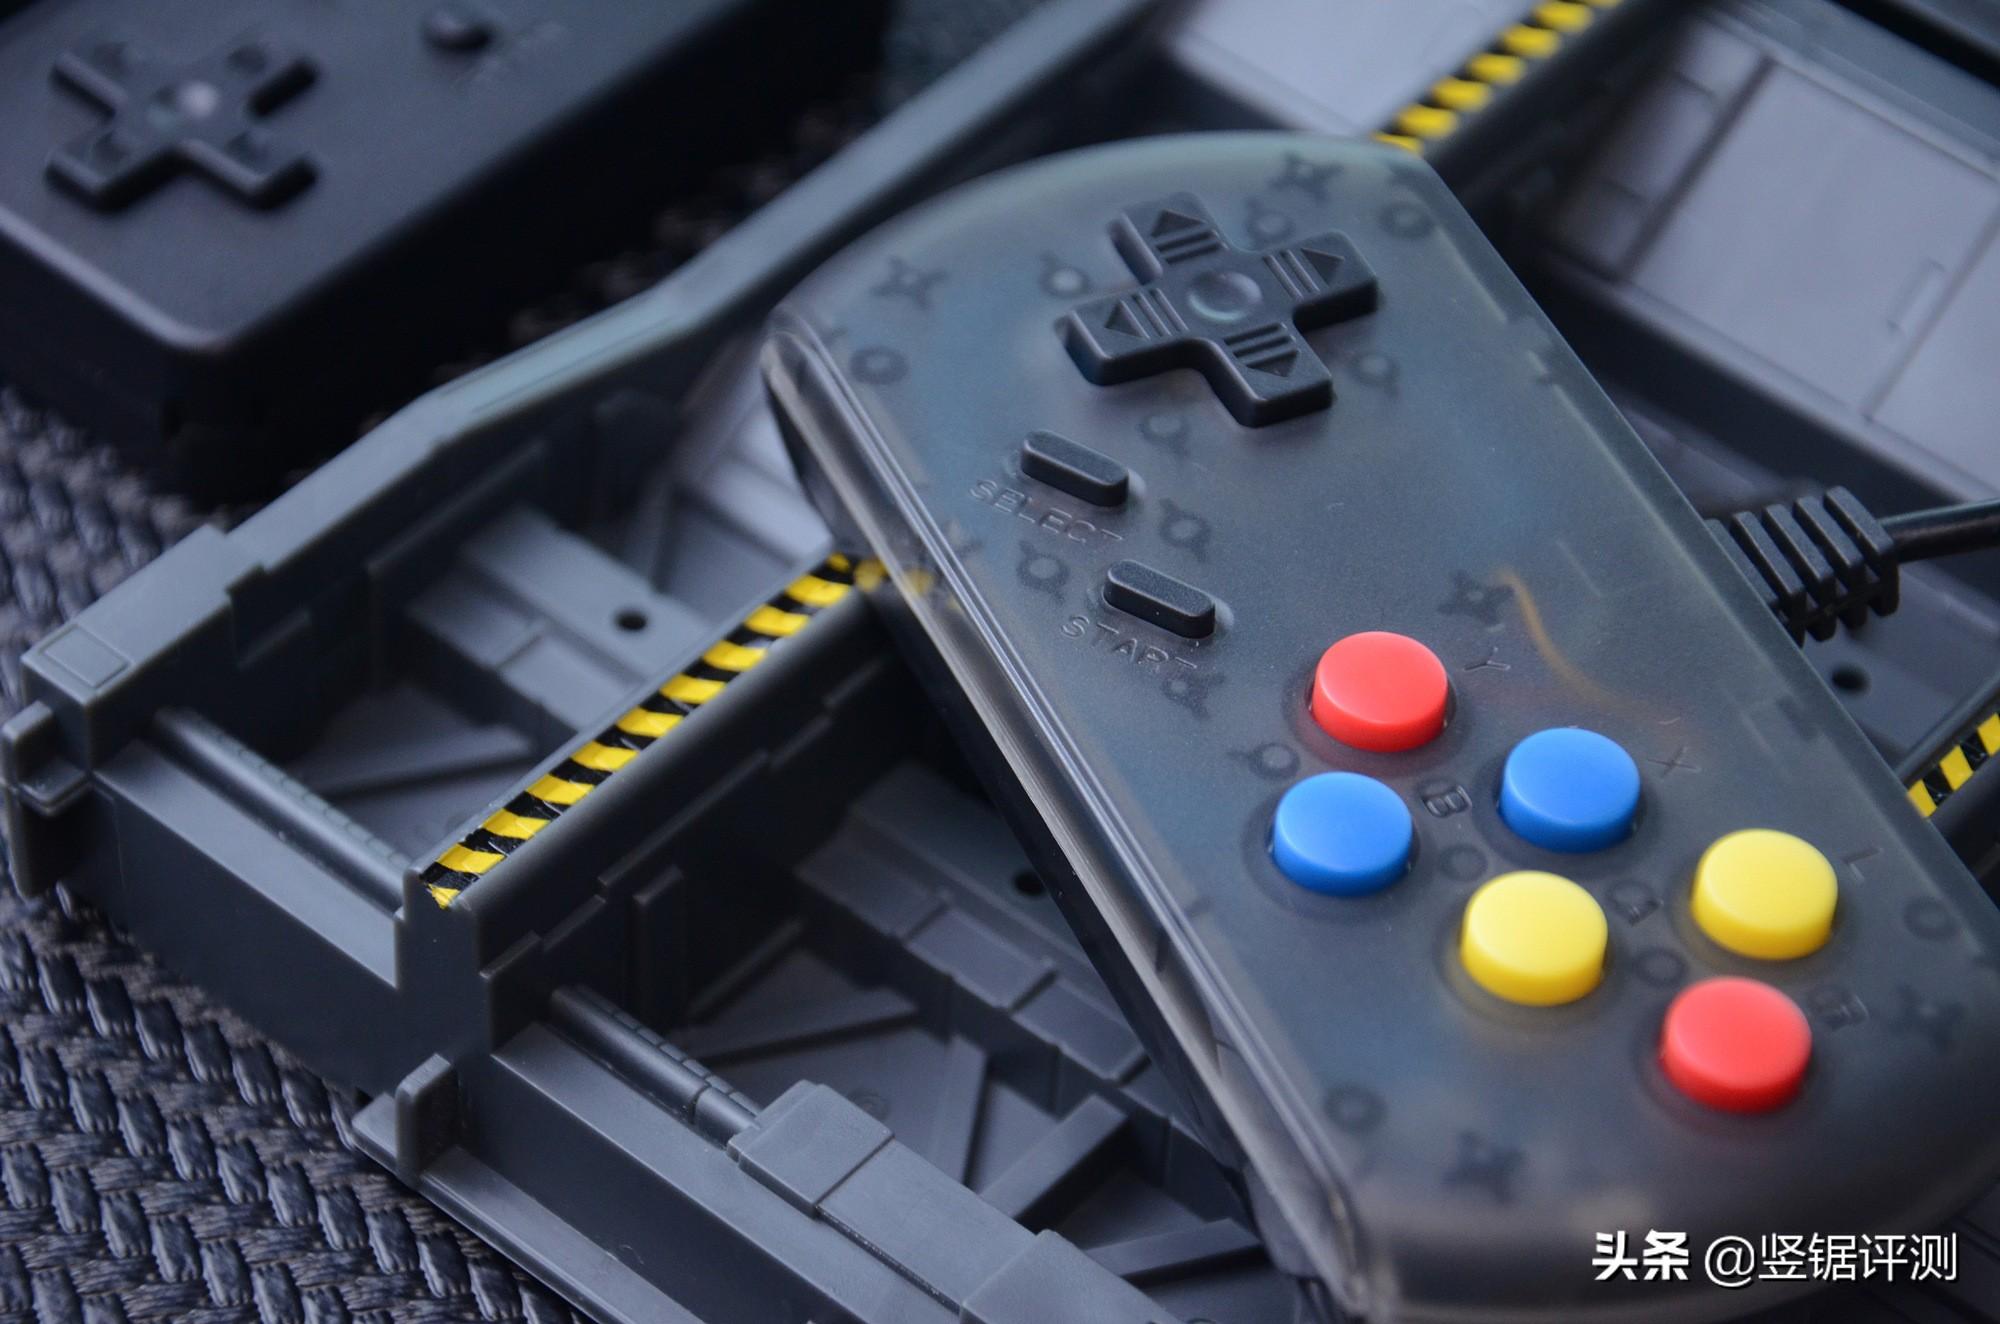 国产游戏机品牌(2020年销量最好的2款游戏机)